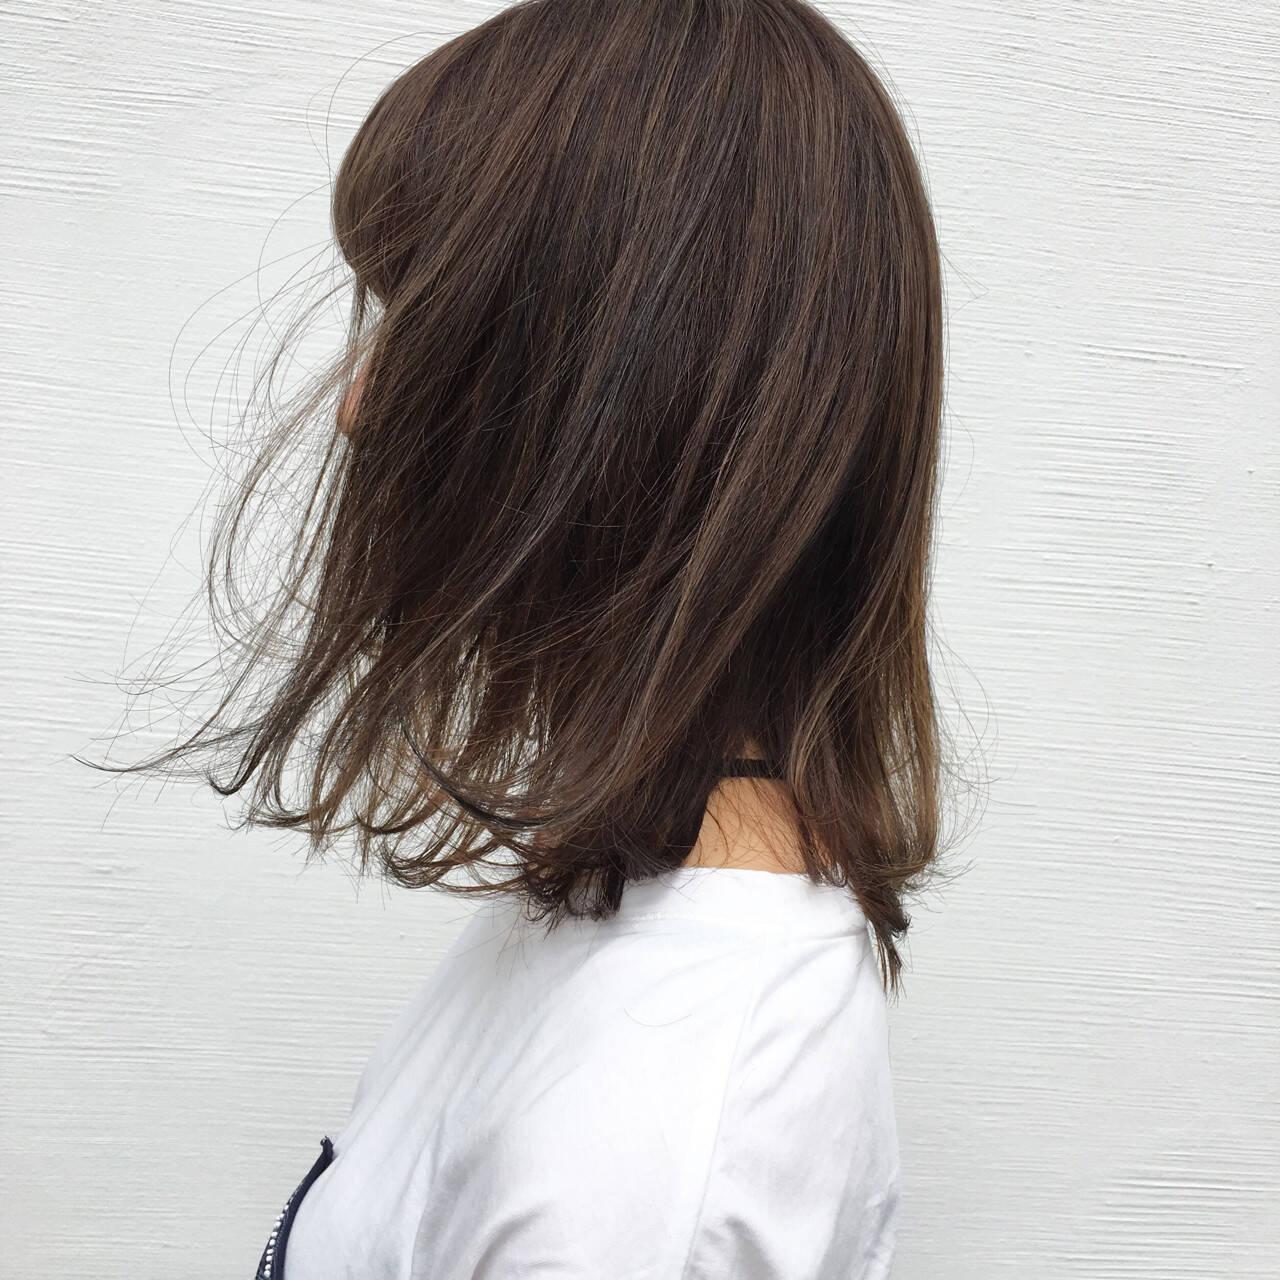 イルミナカラー 外国人風 ハイライト ストリートヘアスタイルや髪型の写真・画像